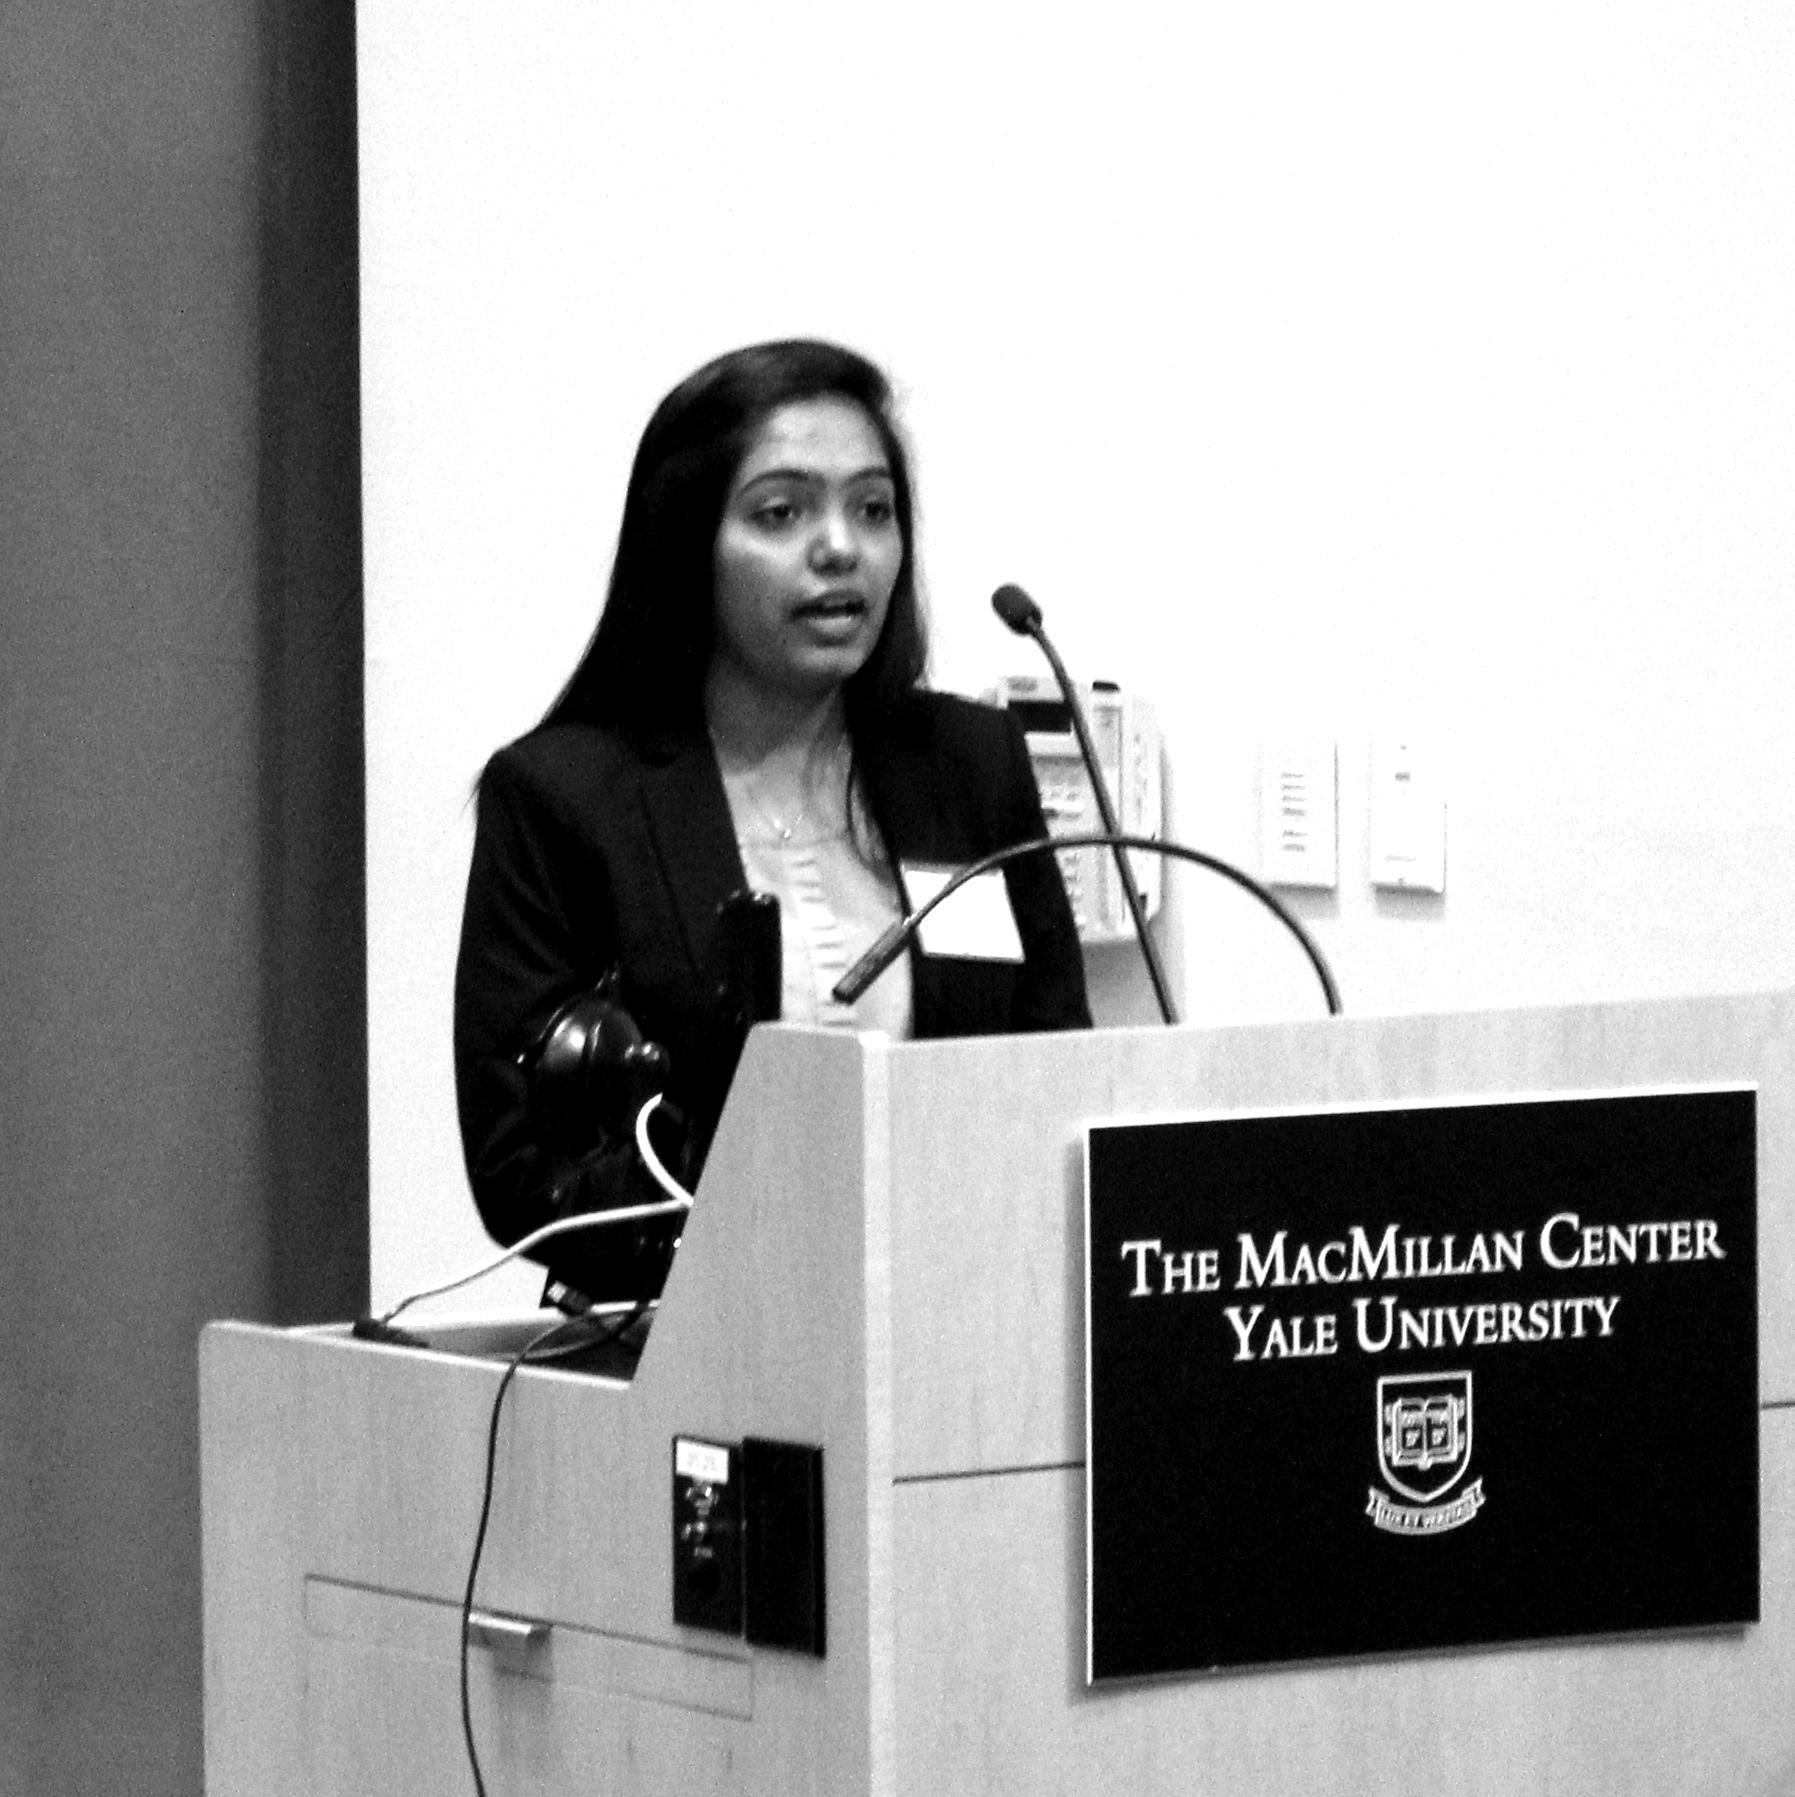 Shivani Patel, Rutgers